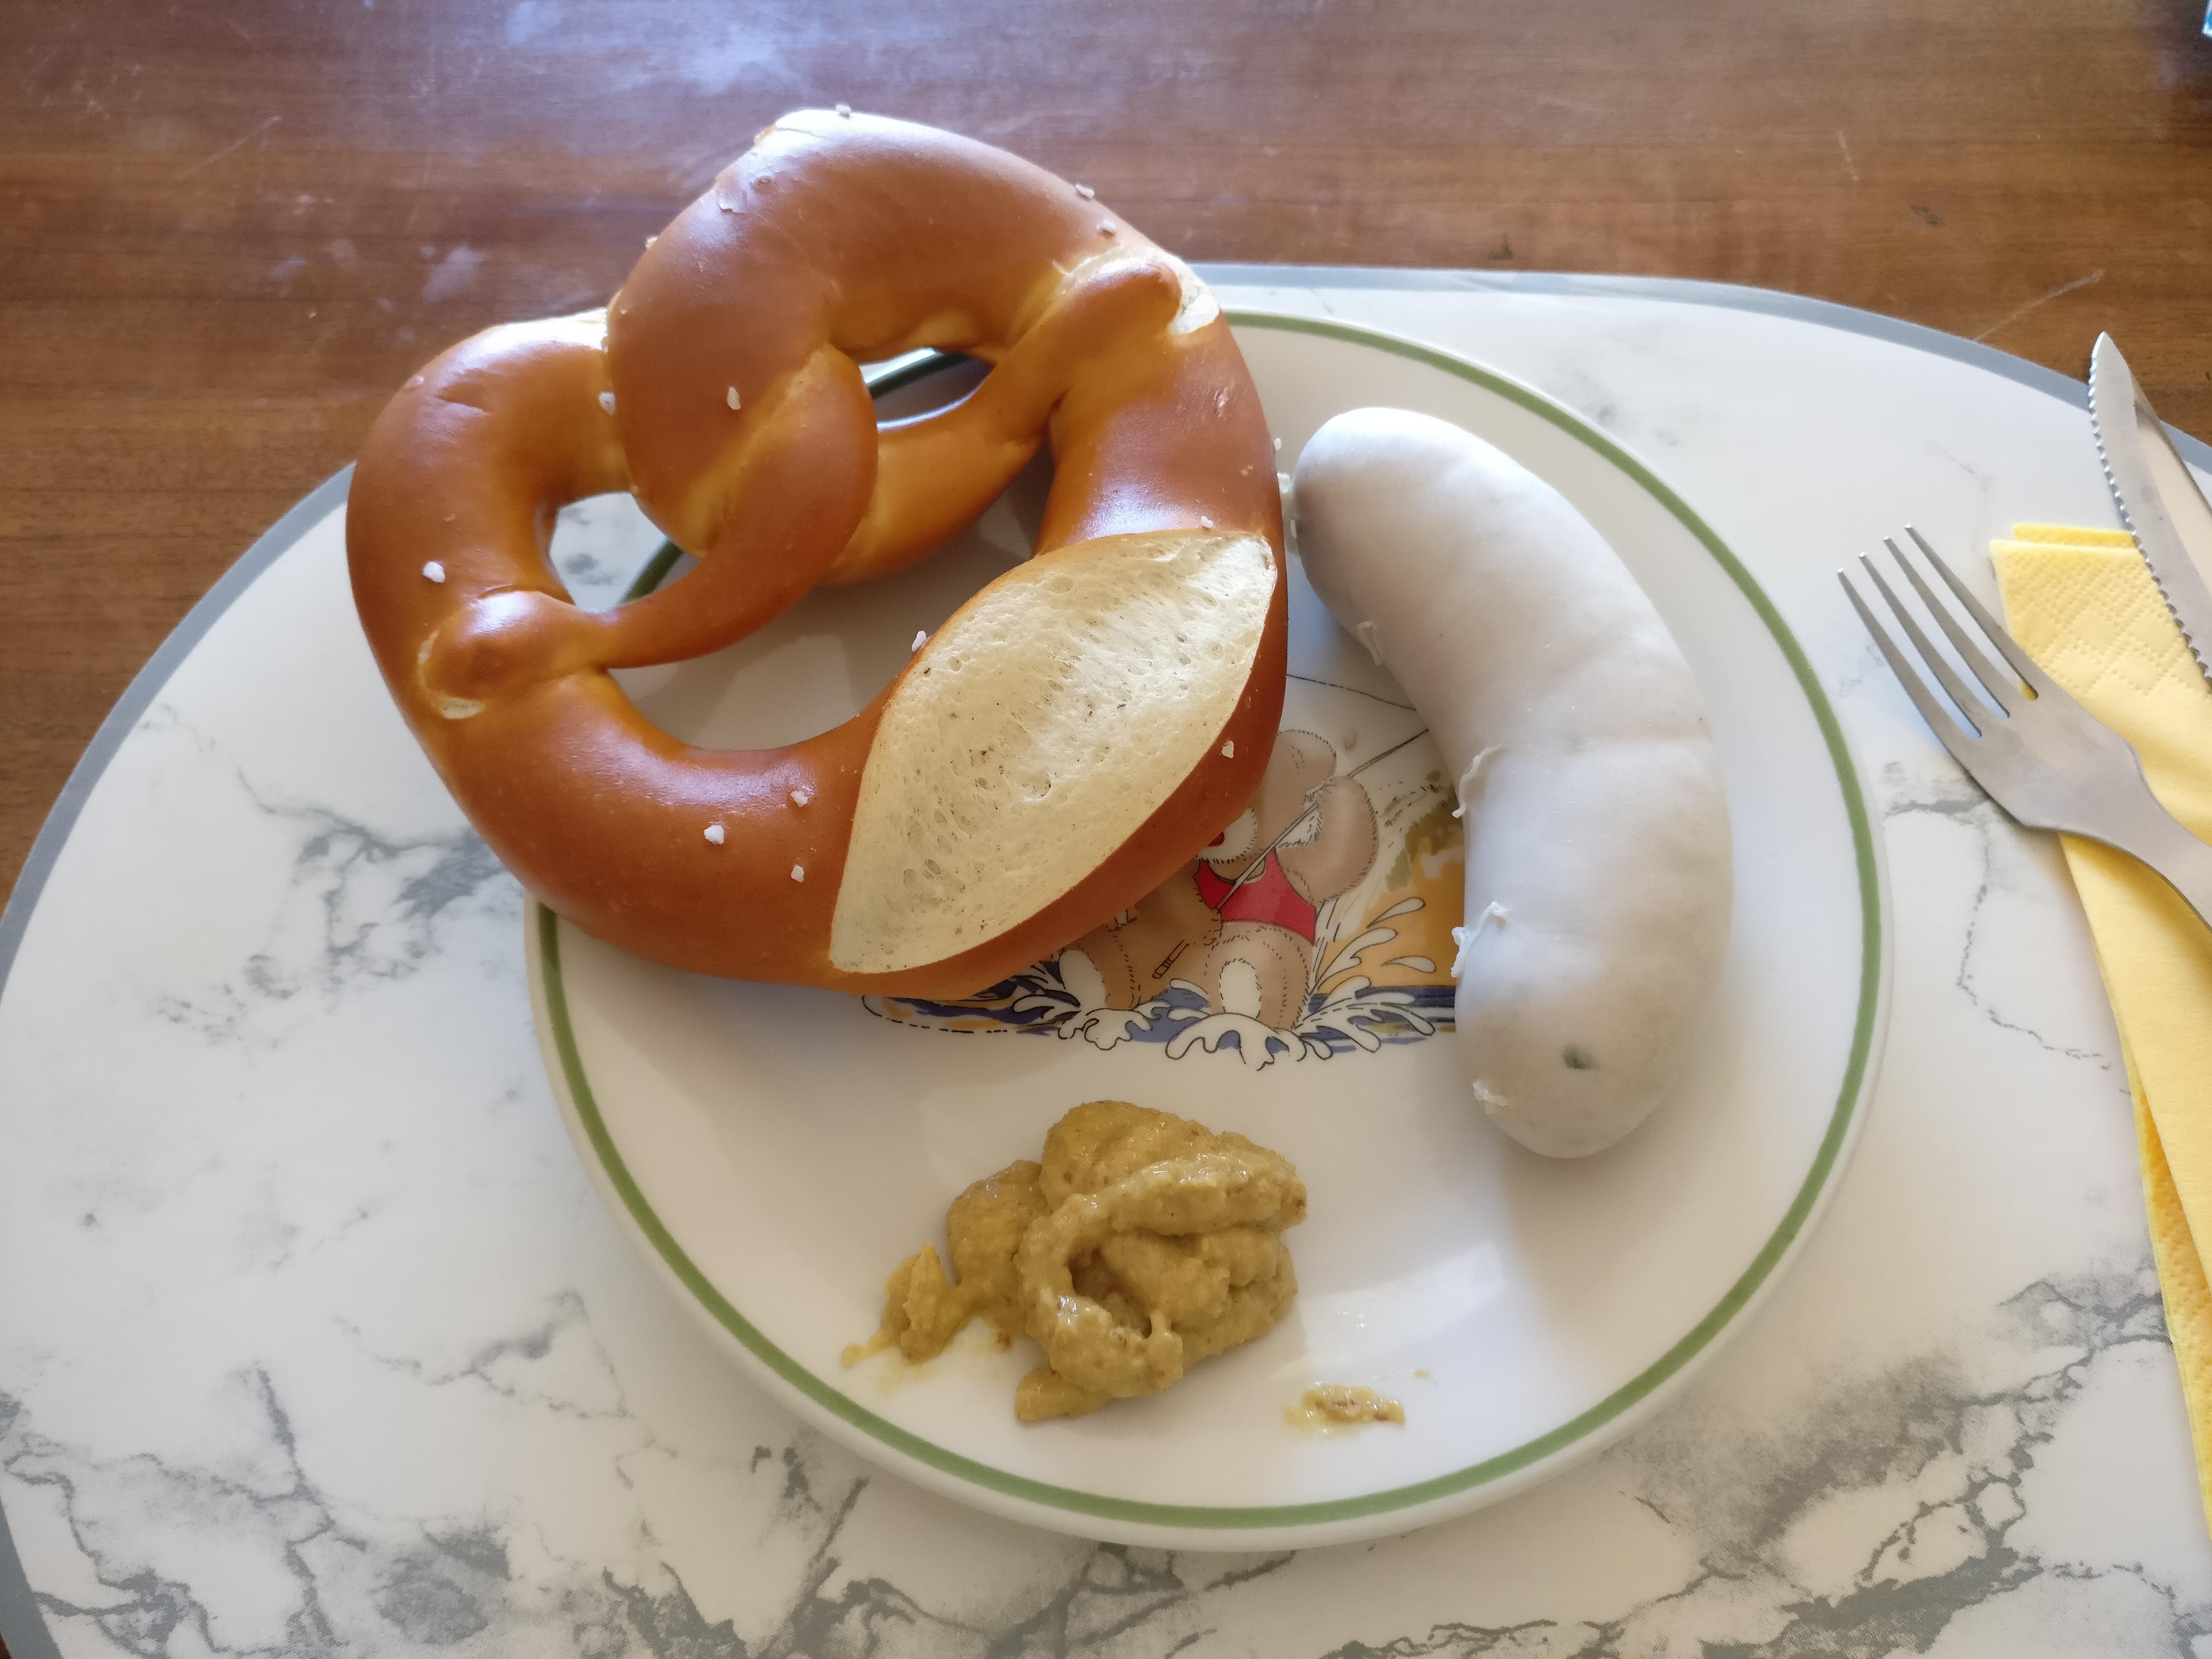 http://foodloader.net/nico_2017-05-27_weisswurst-und-brezel.jpg